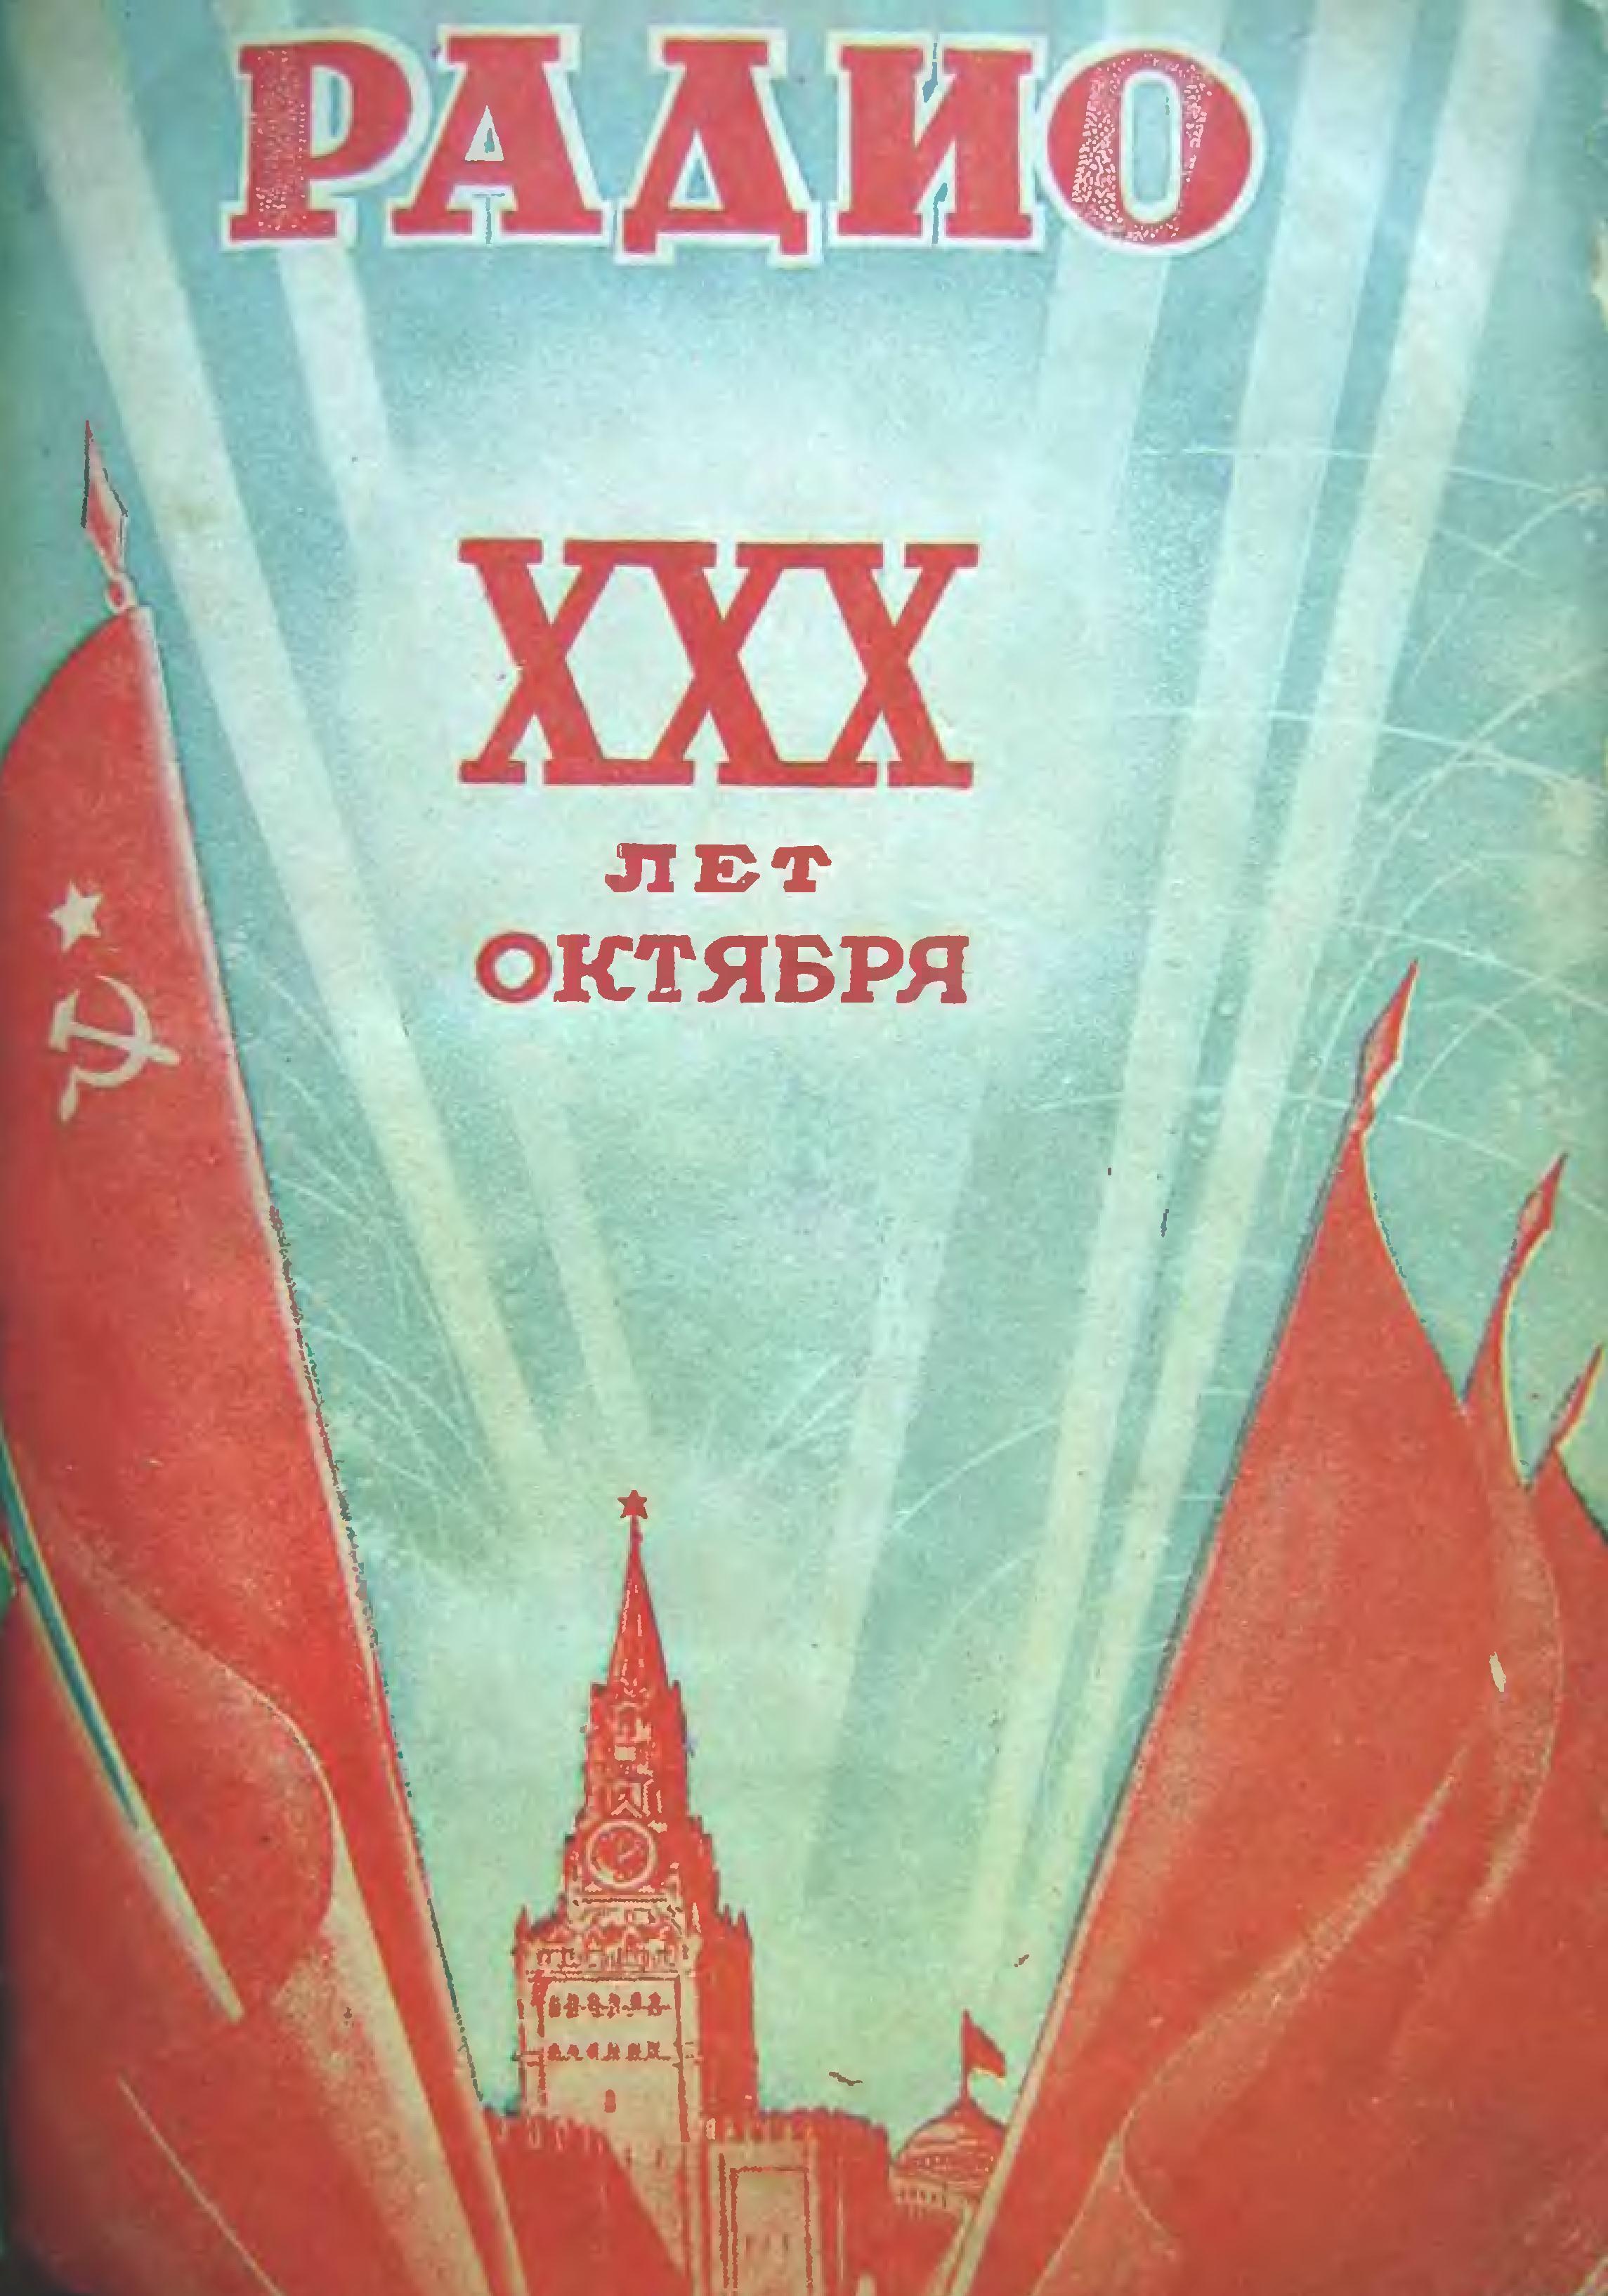 Нажмите на изображение для увеличения.  Название:Обложка_Радио_1947-11_konstantin.in.jpg Просмотров:9 Размер:486.8 Кб ID:208617